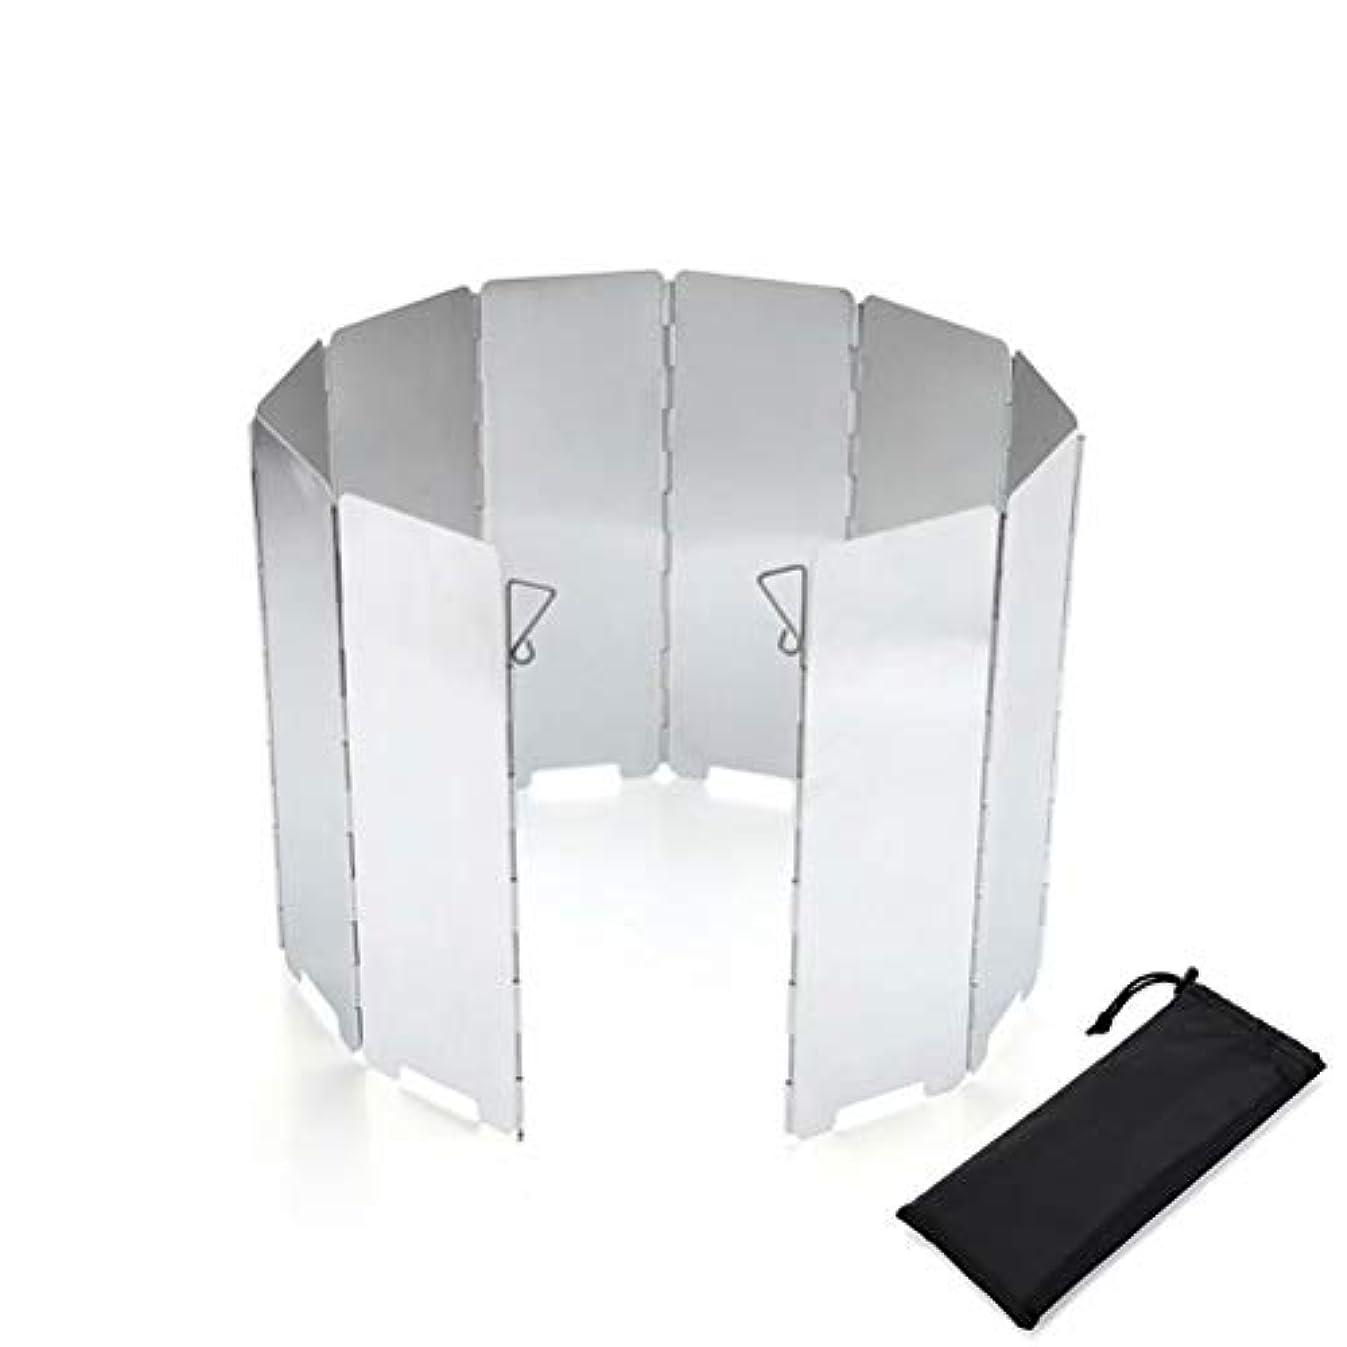 卑しい紀元前ママアルミ製風除板 ウインドスクリーン 折り畳み式 アウトドア 防風 軽量 収納袋付き 10枚